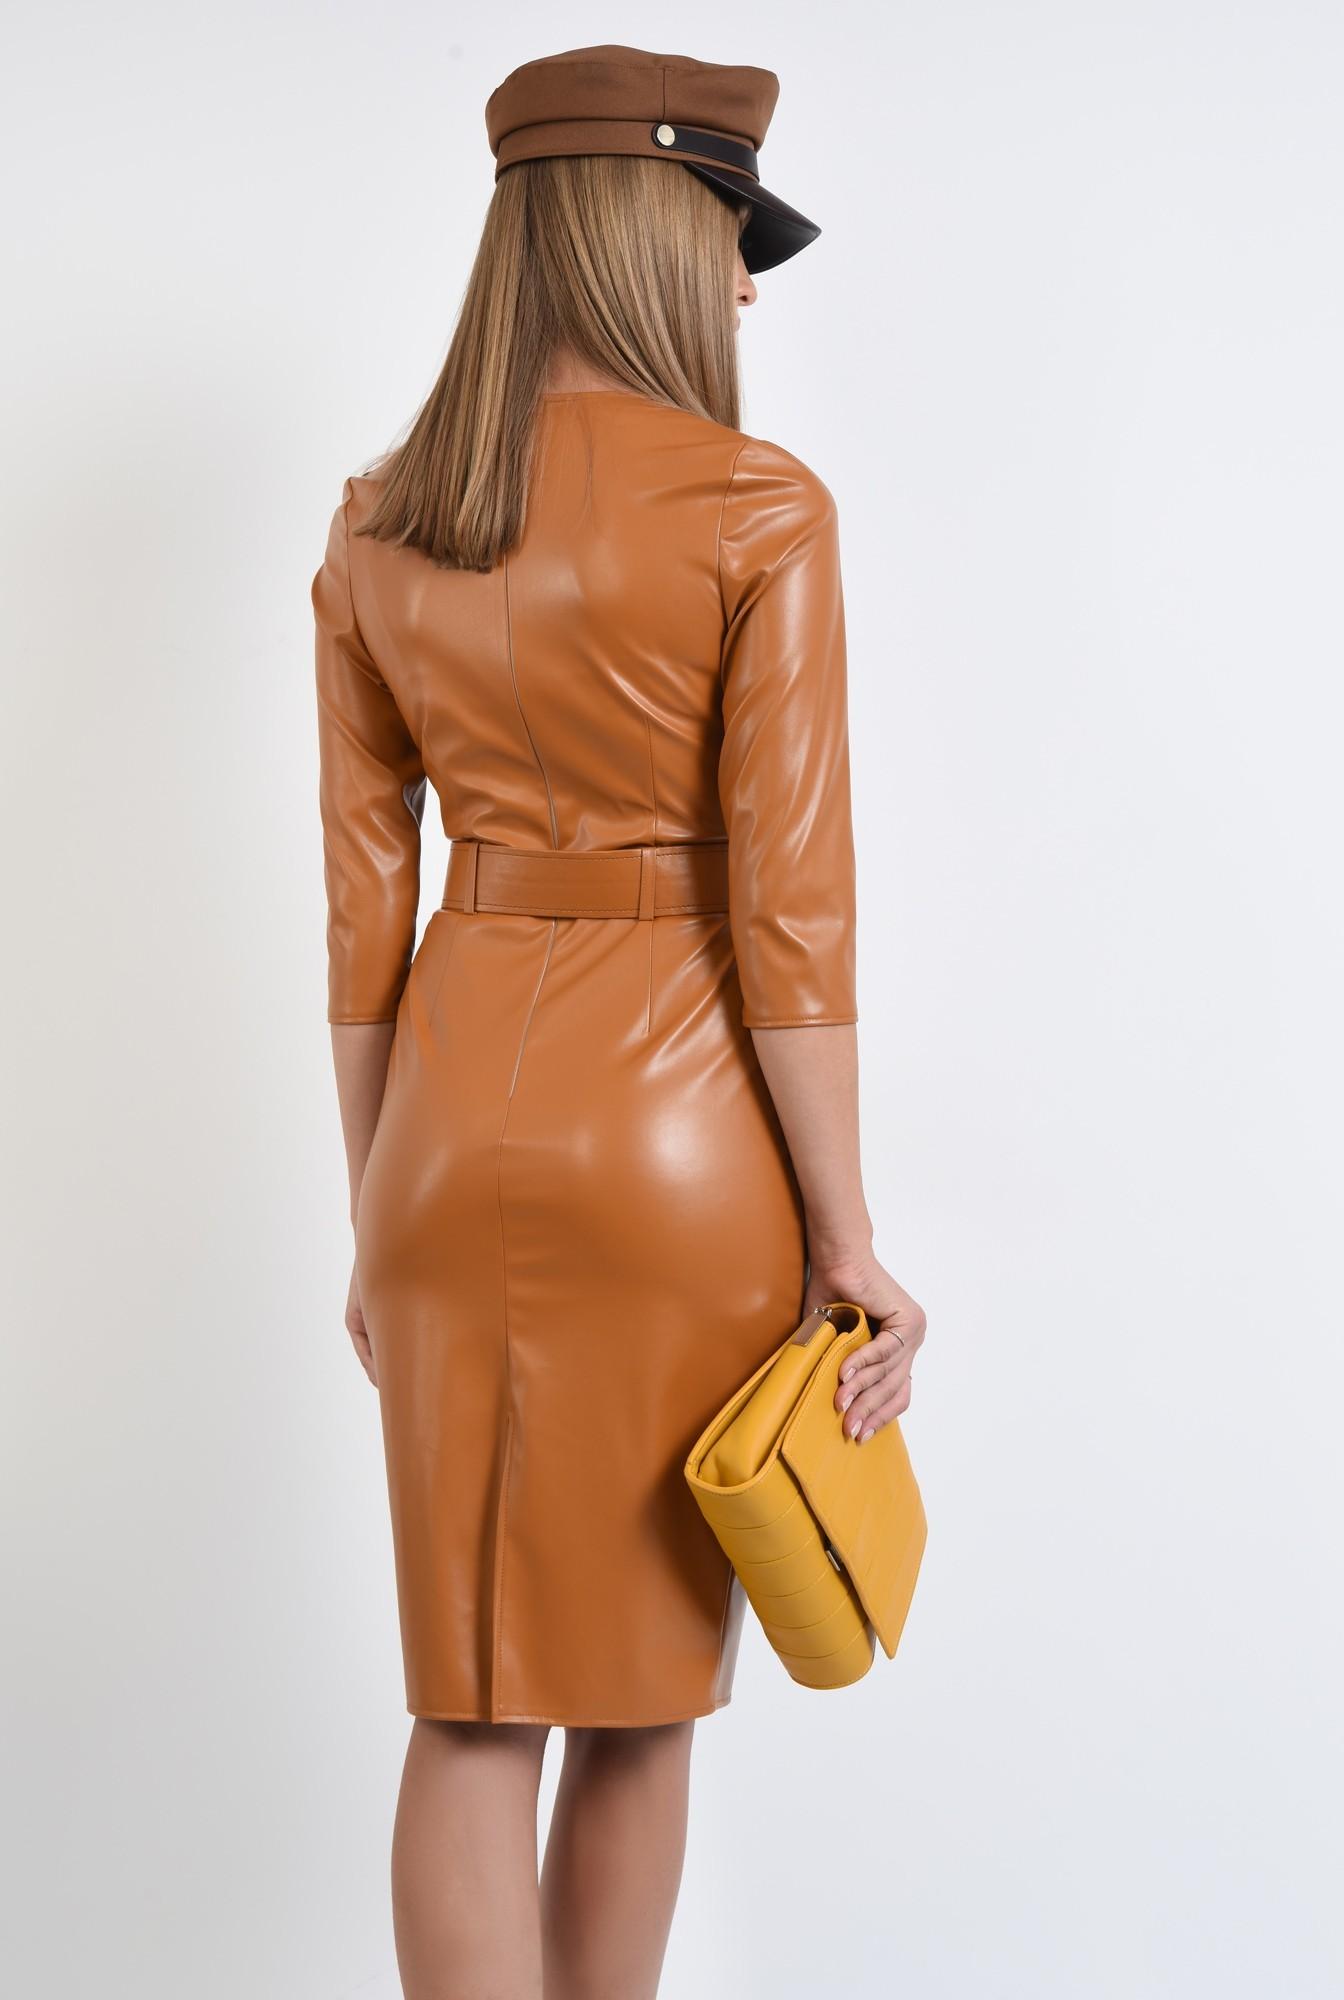 1 - rochie casual, conica, cu centura, camel, PU, piele eco